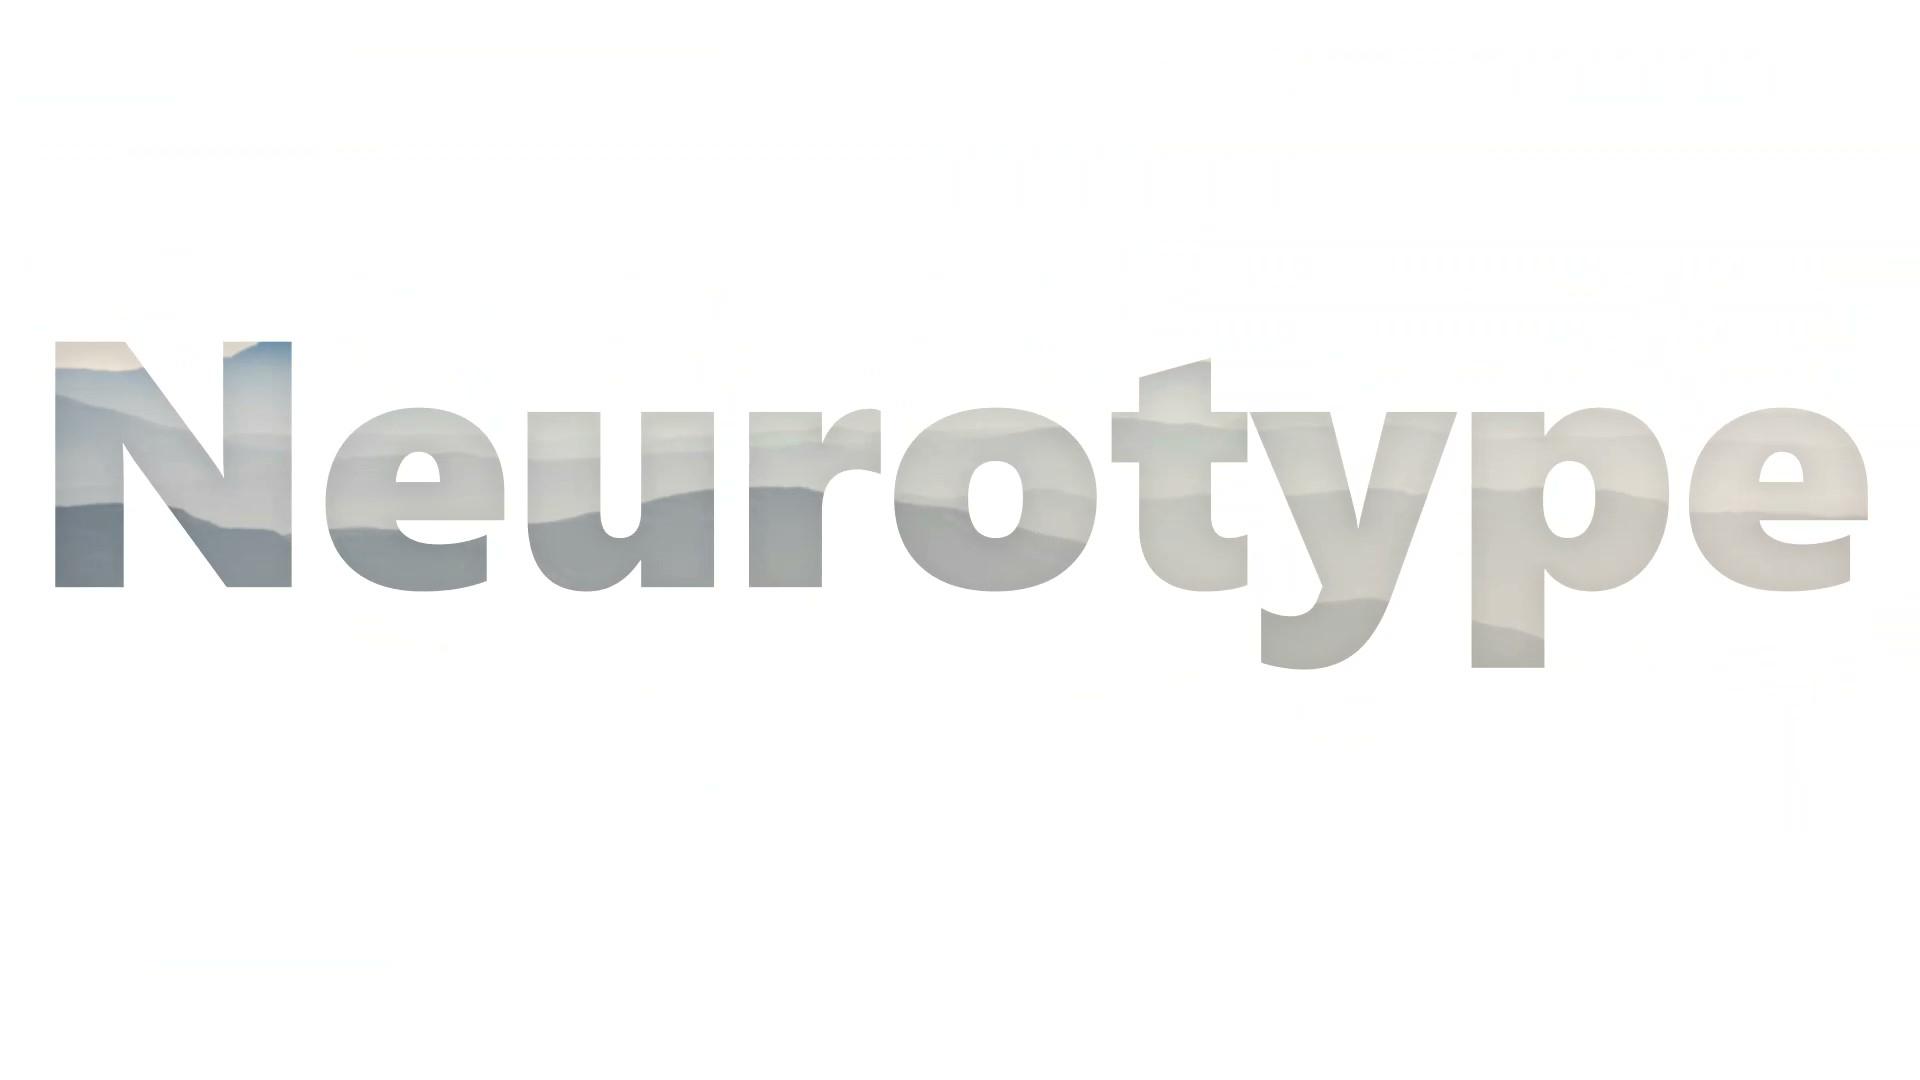 neurotype_Moment.jpg